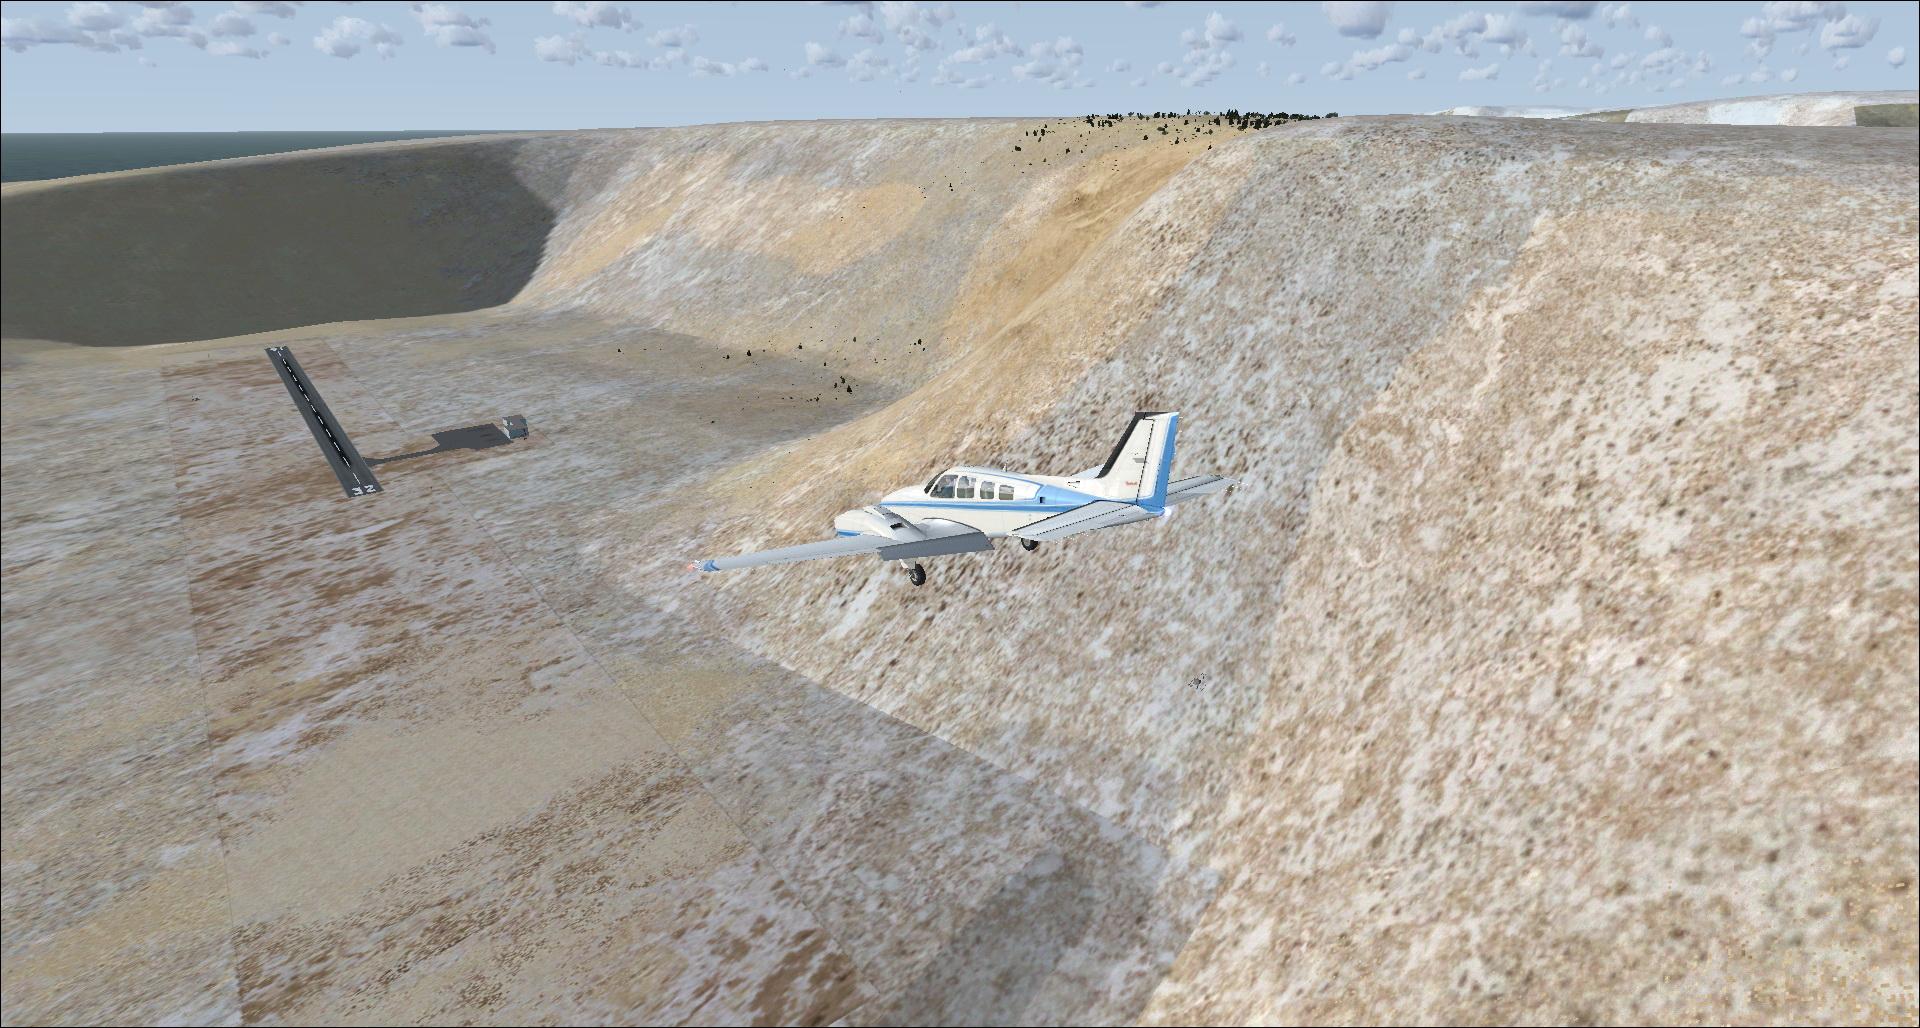 Acheminer un pêcheur jusqu'à l'aéroport de Trout Lake le 11 avril 131922201349195026661